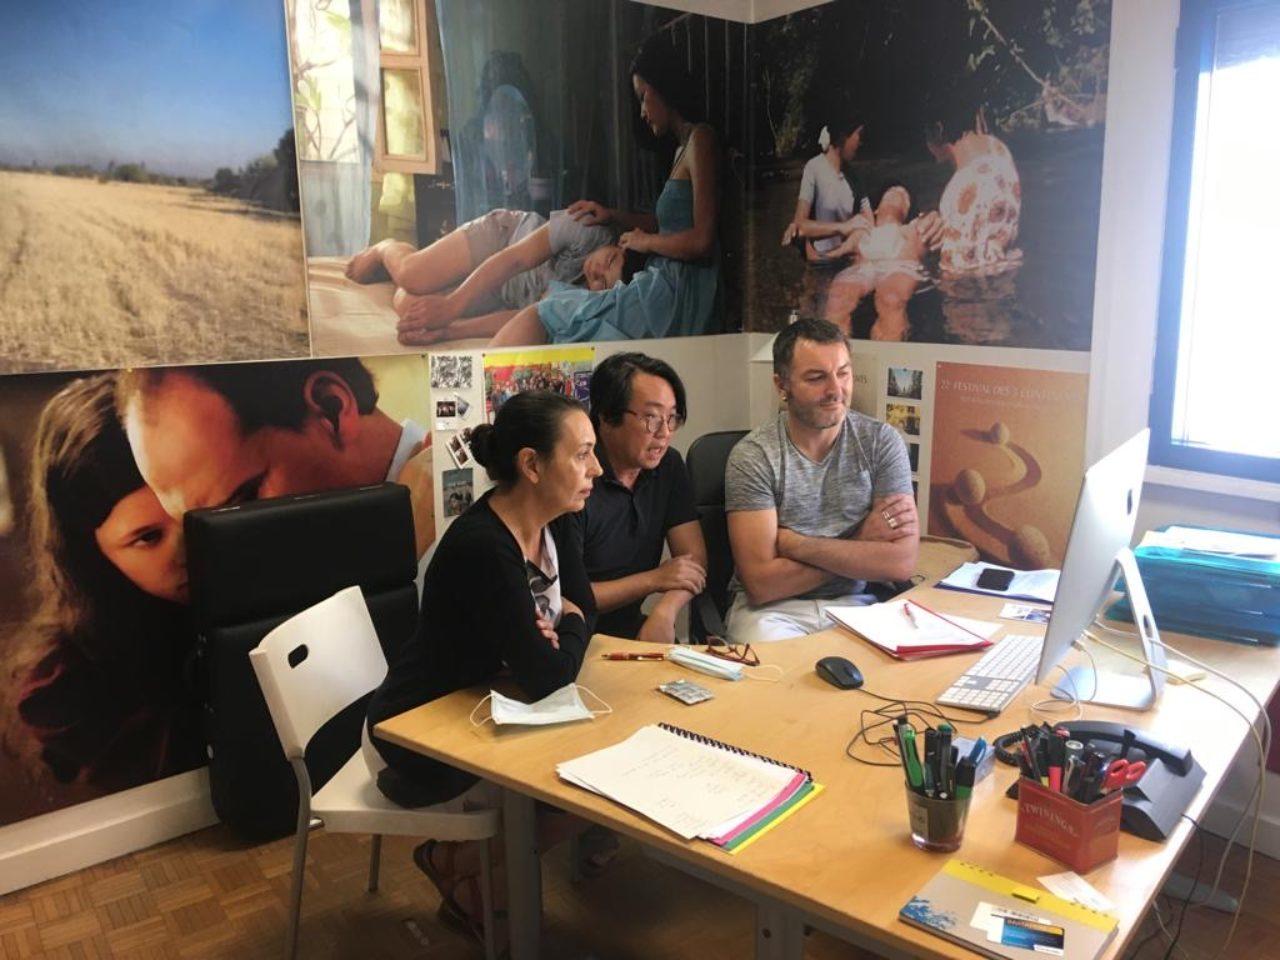 Third stage Taipei PAS workshop - Claire Lajourmard, Vincent Wang & Guillaume Mainguet